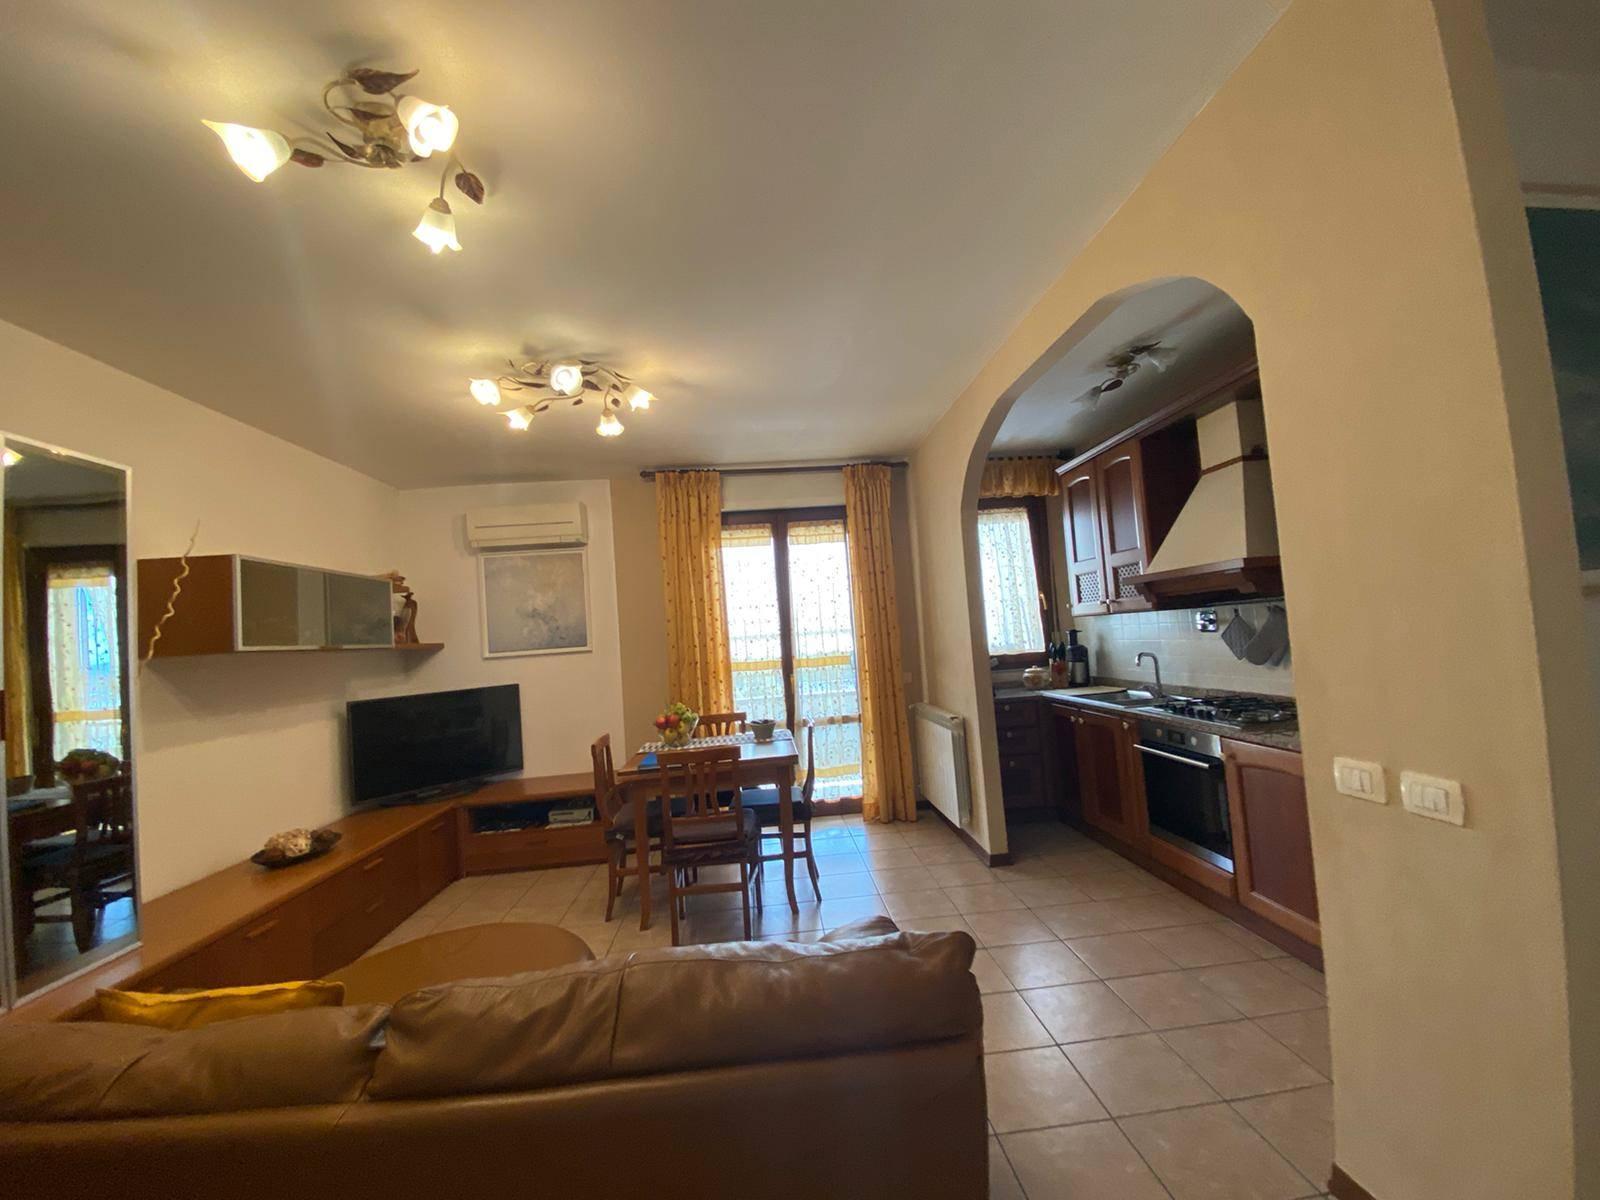 Appartamento in vendita a Prato, 3 locali, zona Località: SOCCORSO, prezzo € 170.000 | CambioCasa.it